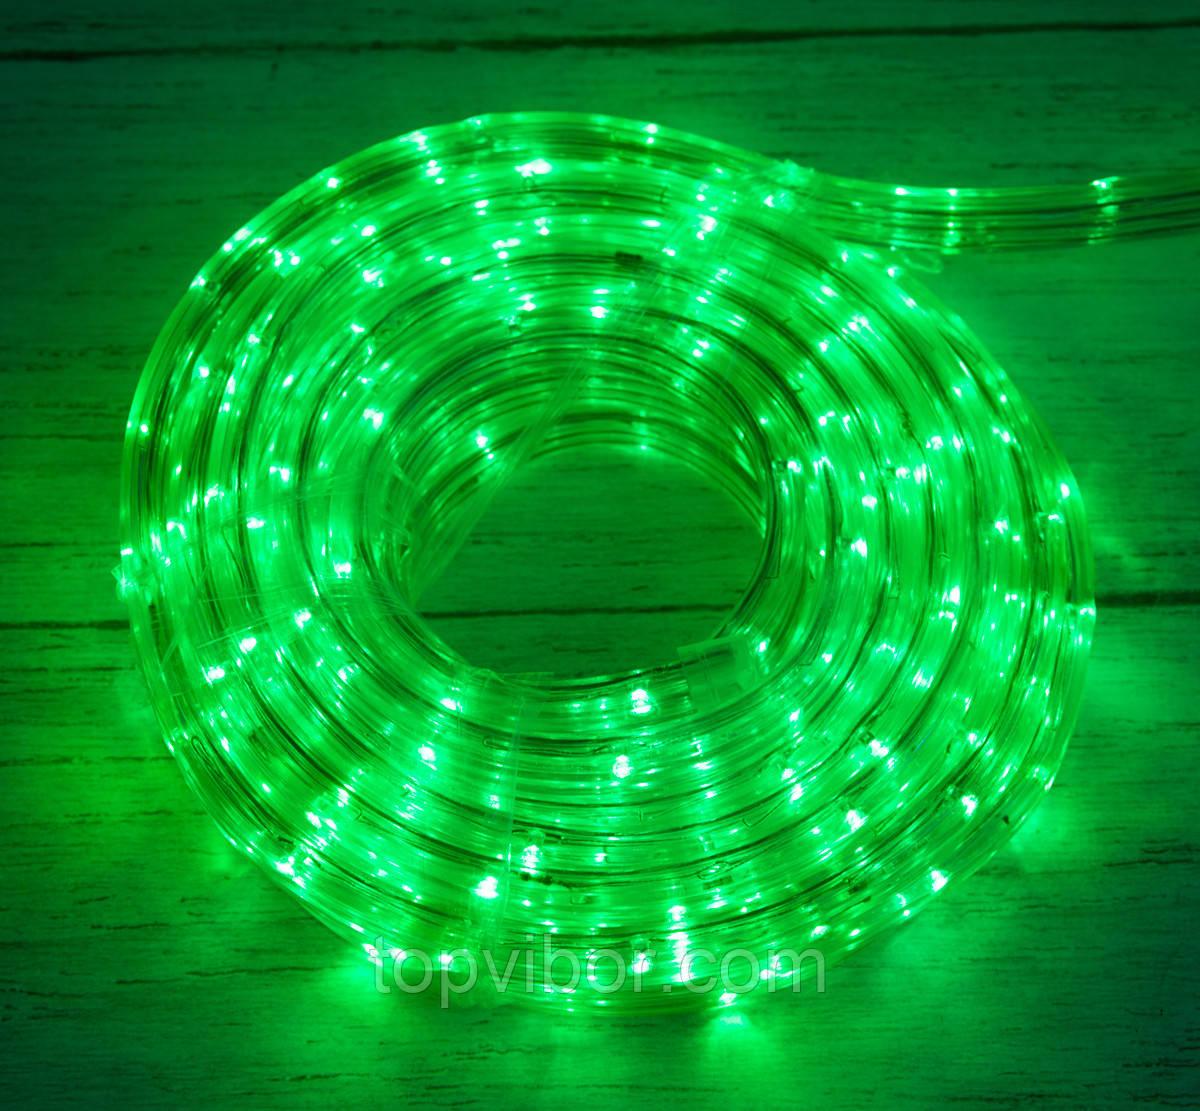 Распродажа! Уличная новогодняя дюралайт гирлянда на 8 метров Xmas Rope Light G Зеленая, светодиодная гирлянда